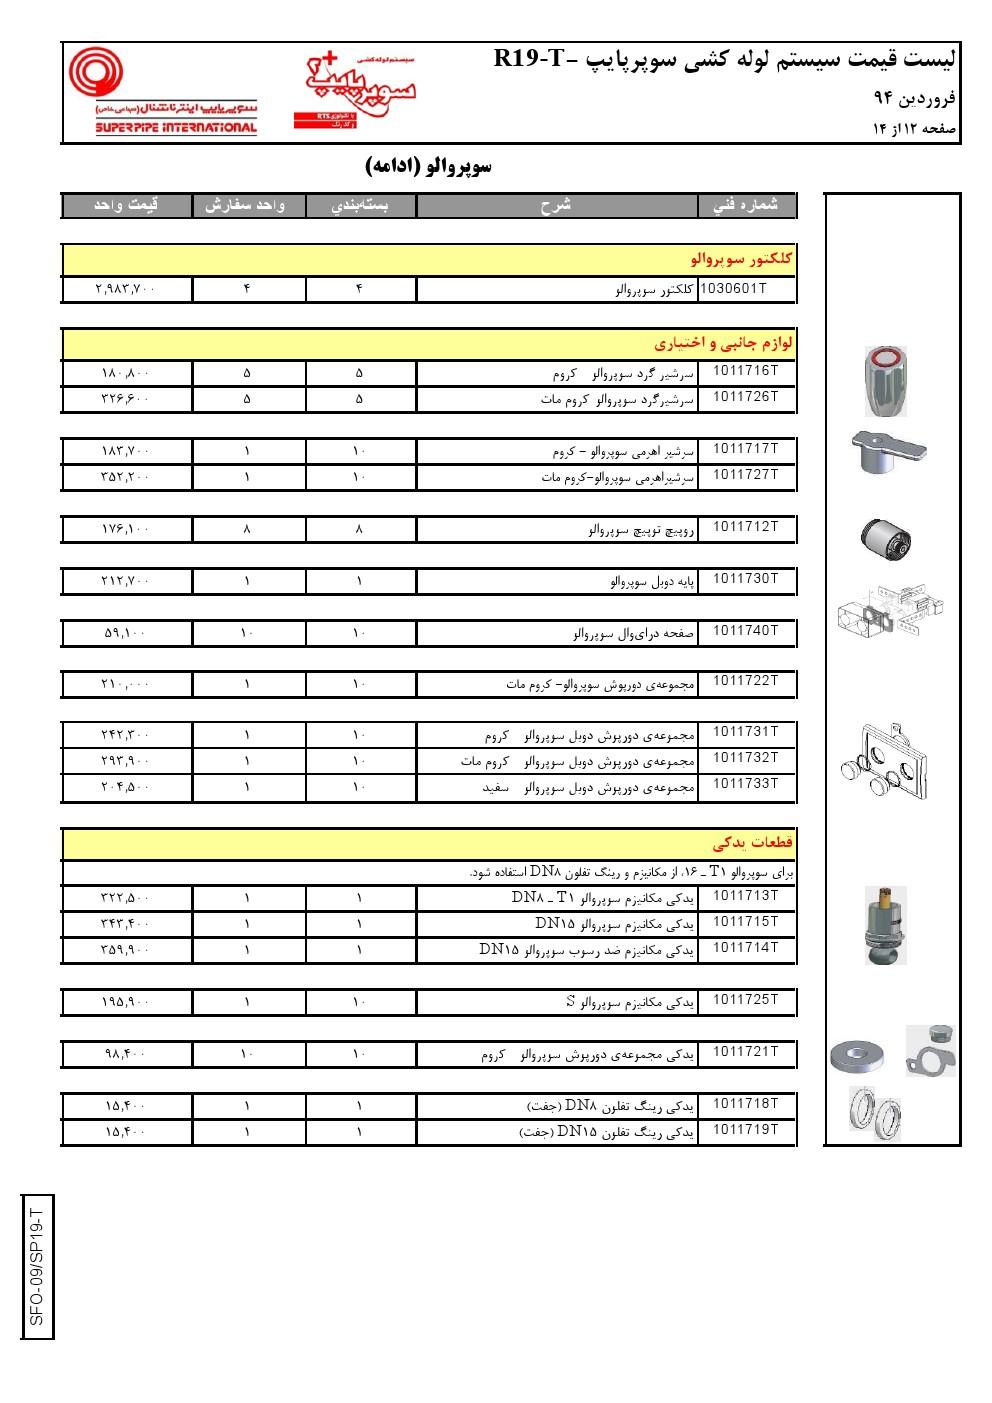 لیست قیمت سفته قیمت های جدید سمند در زیر لیست قیمت انواع و اقسام سمند 92 را مشاهده خواهید کرد.